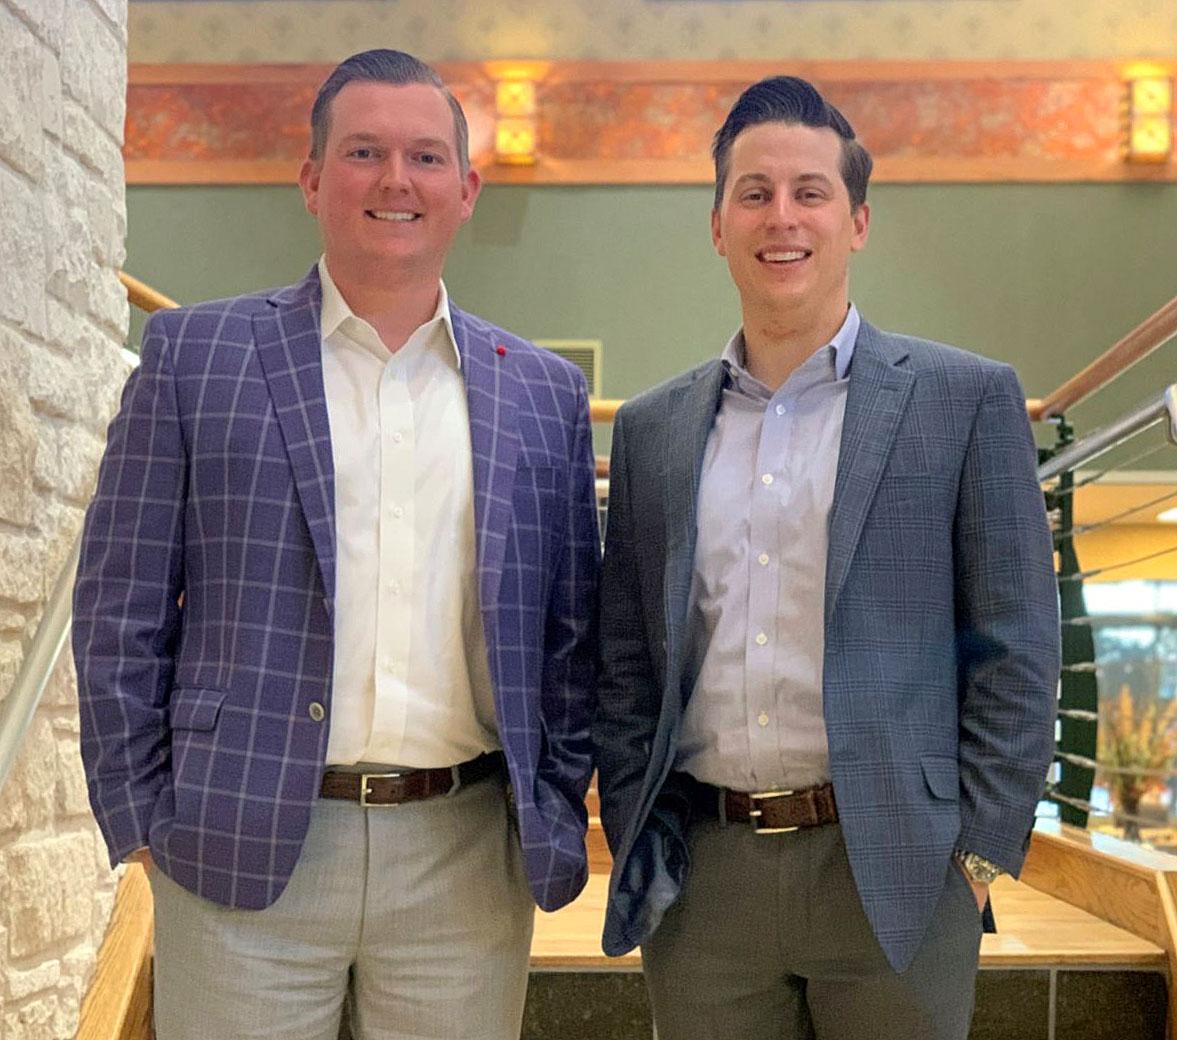 Matt Murray and Scott Whitaker